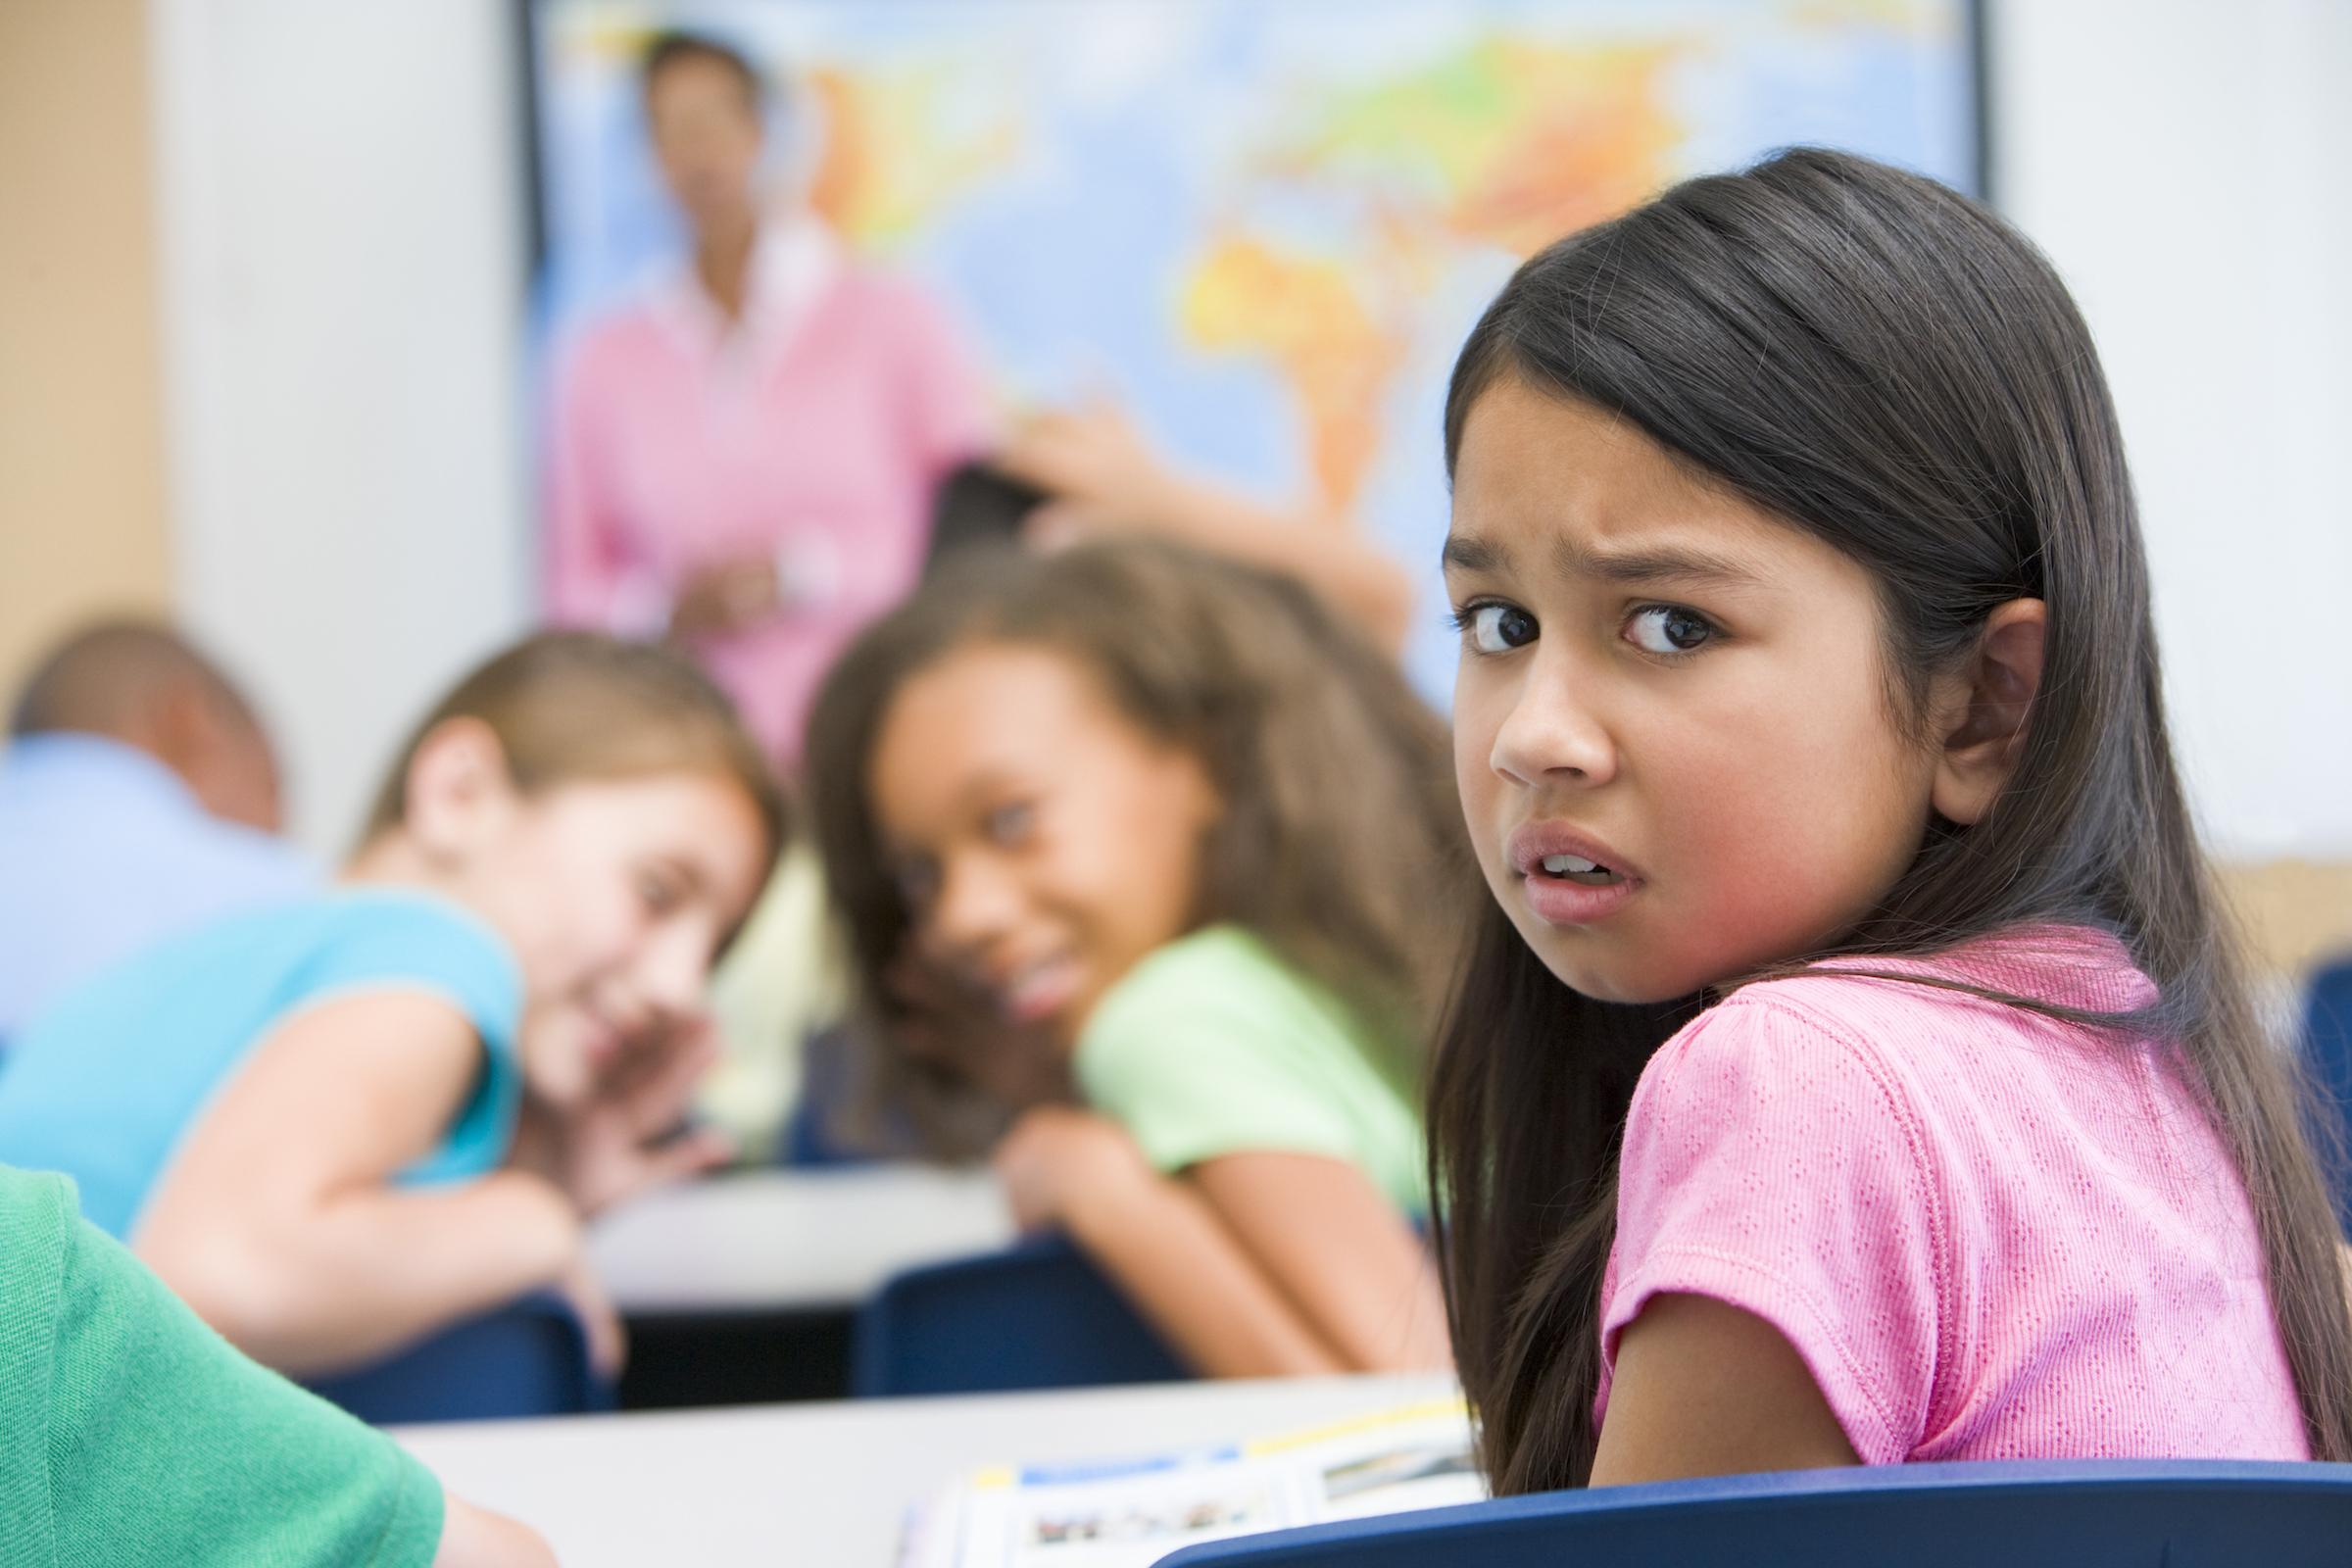 Kind Wird In Der Schule Geschlagen